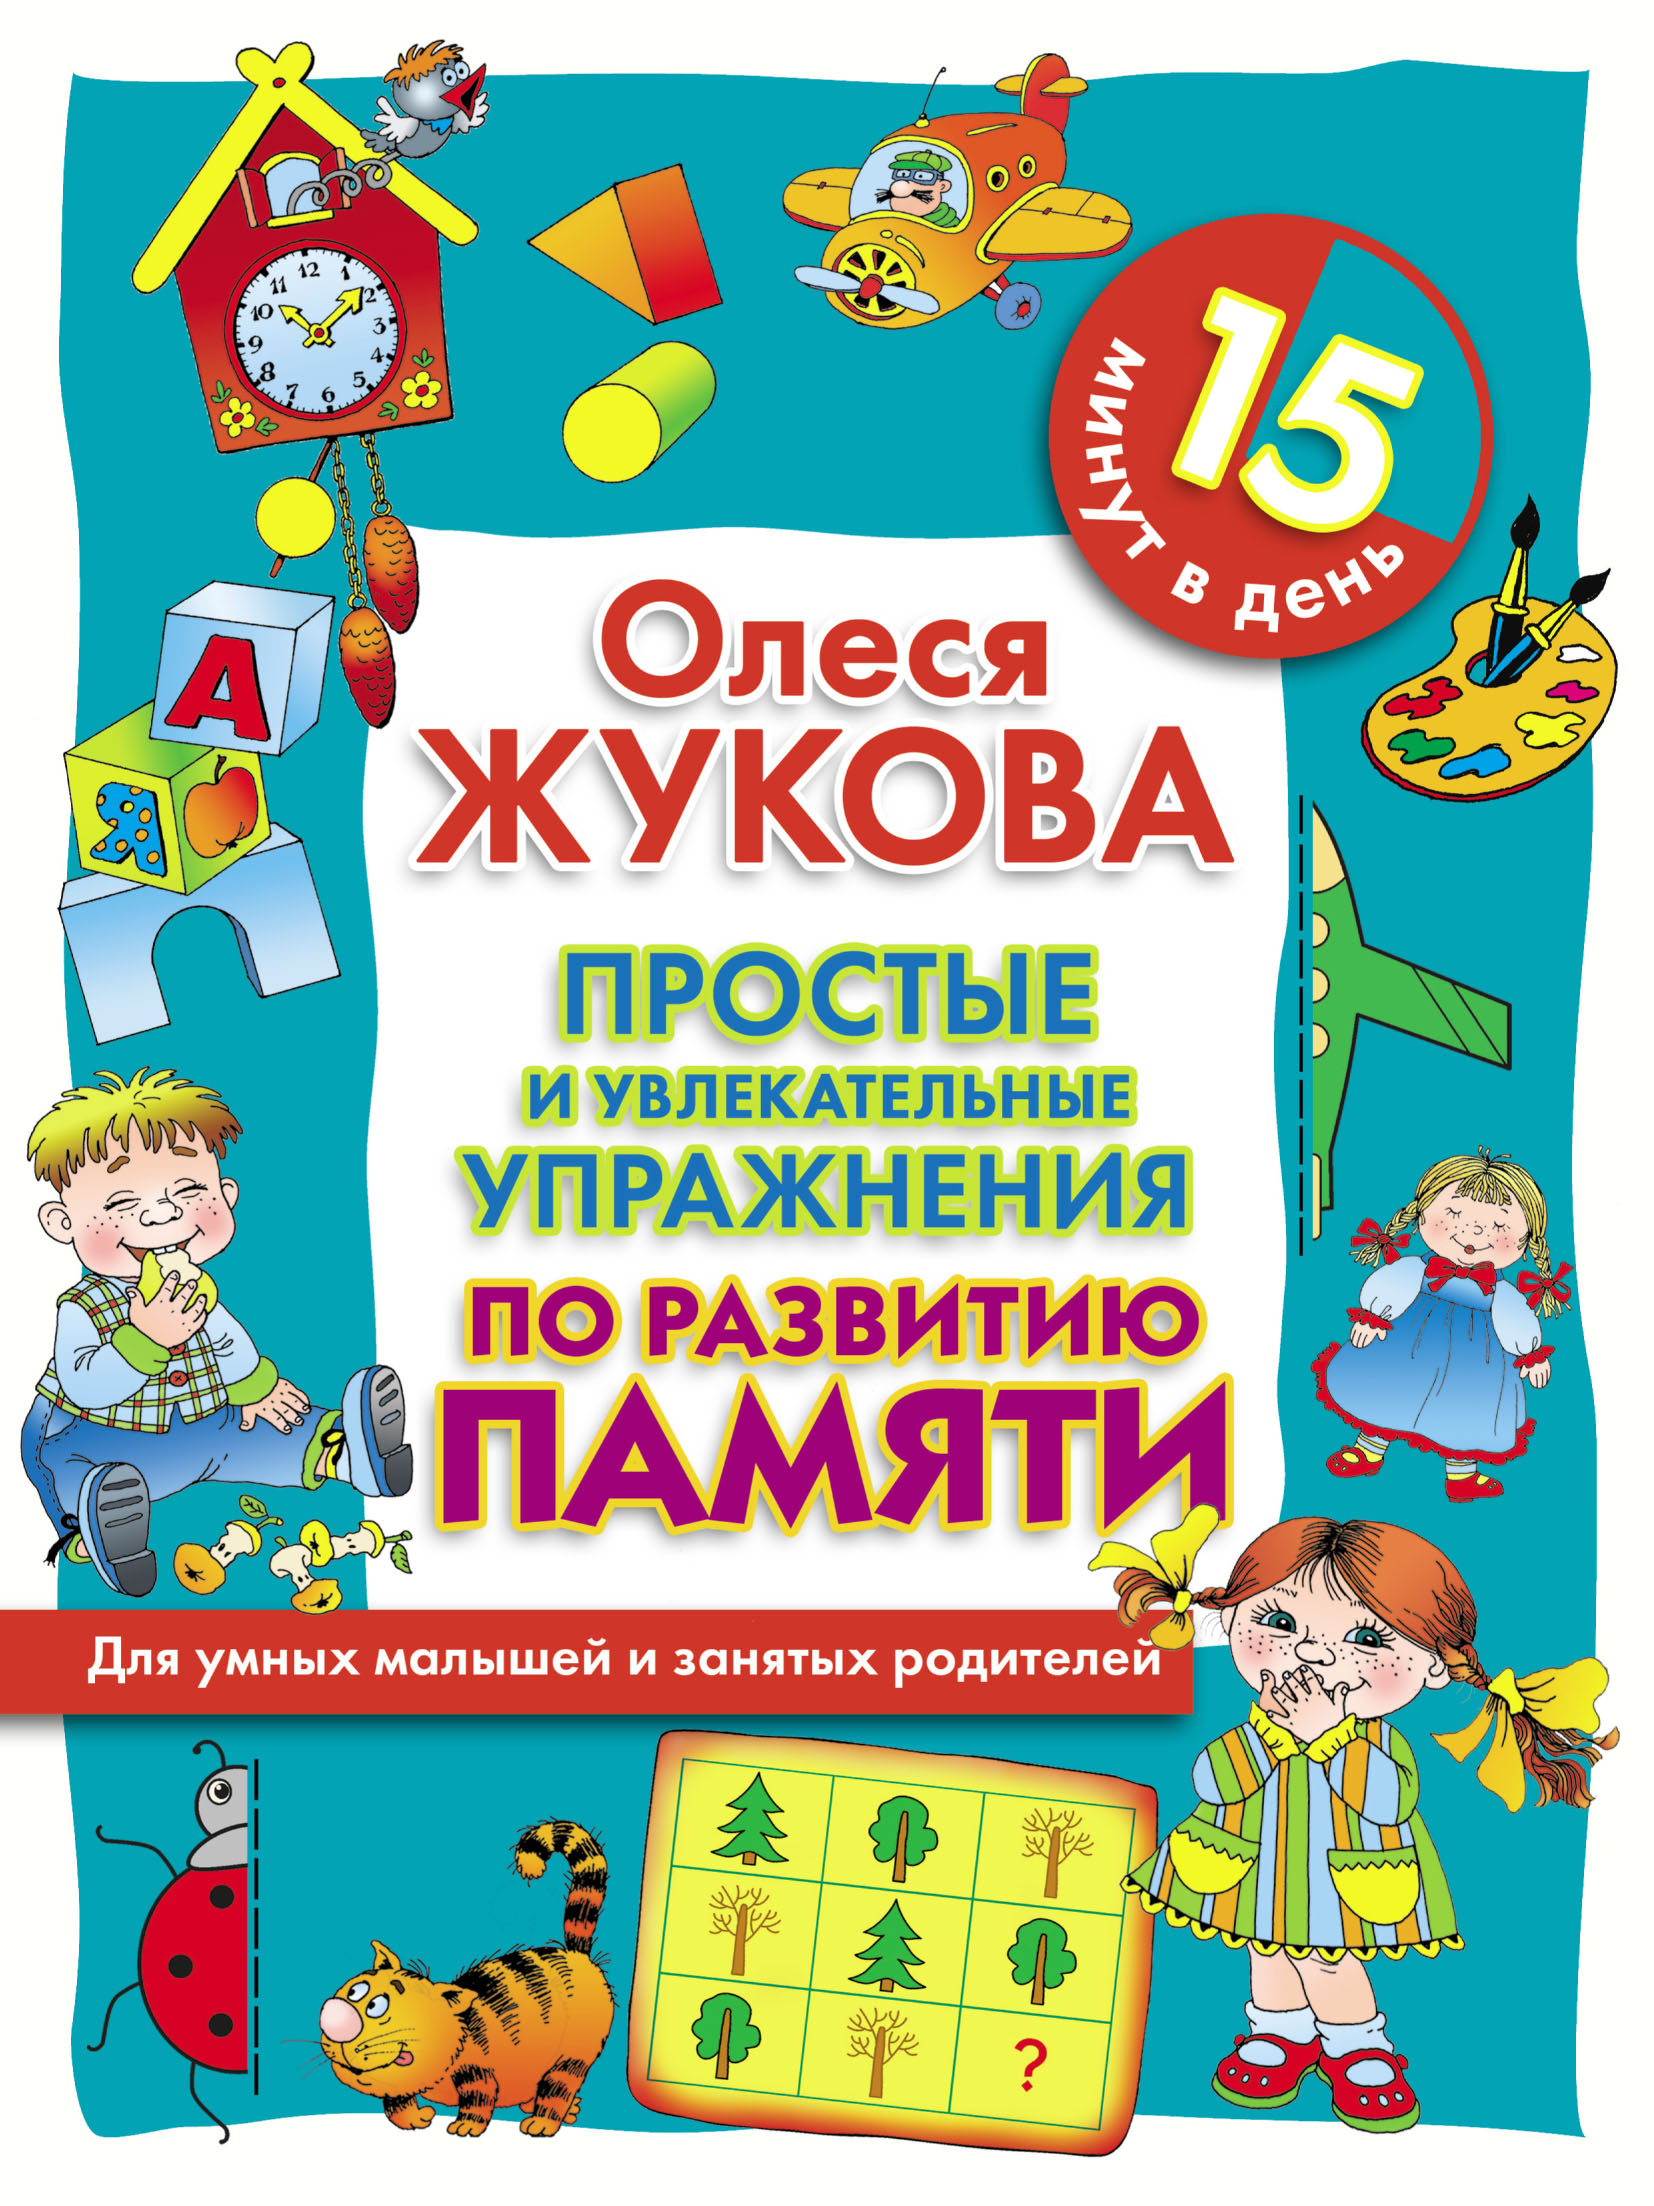 Олеся Жукова Простые и увлекательные упражнения по развитию памяти. 15 минут в день цена 2017